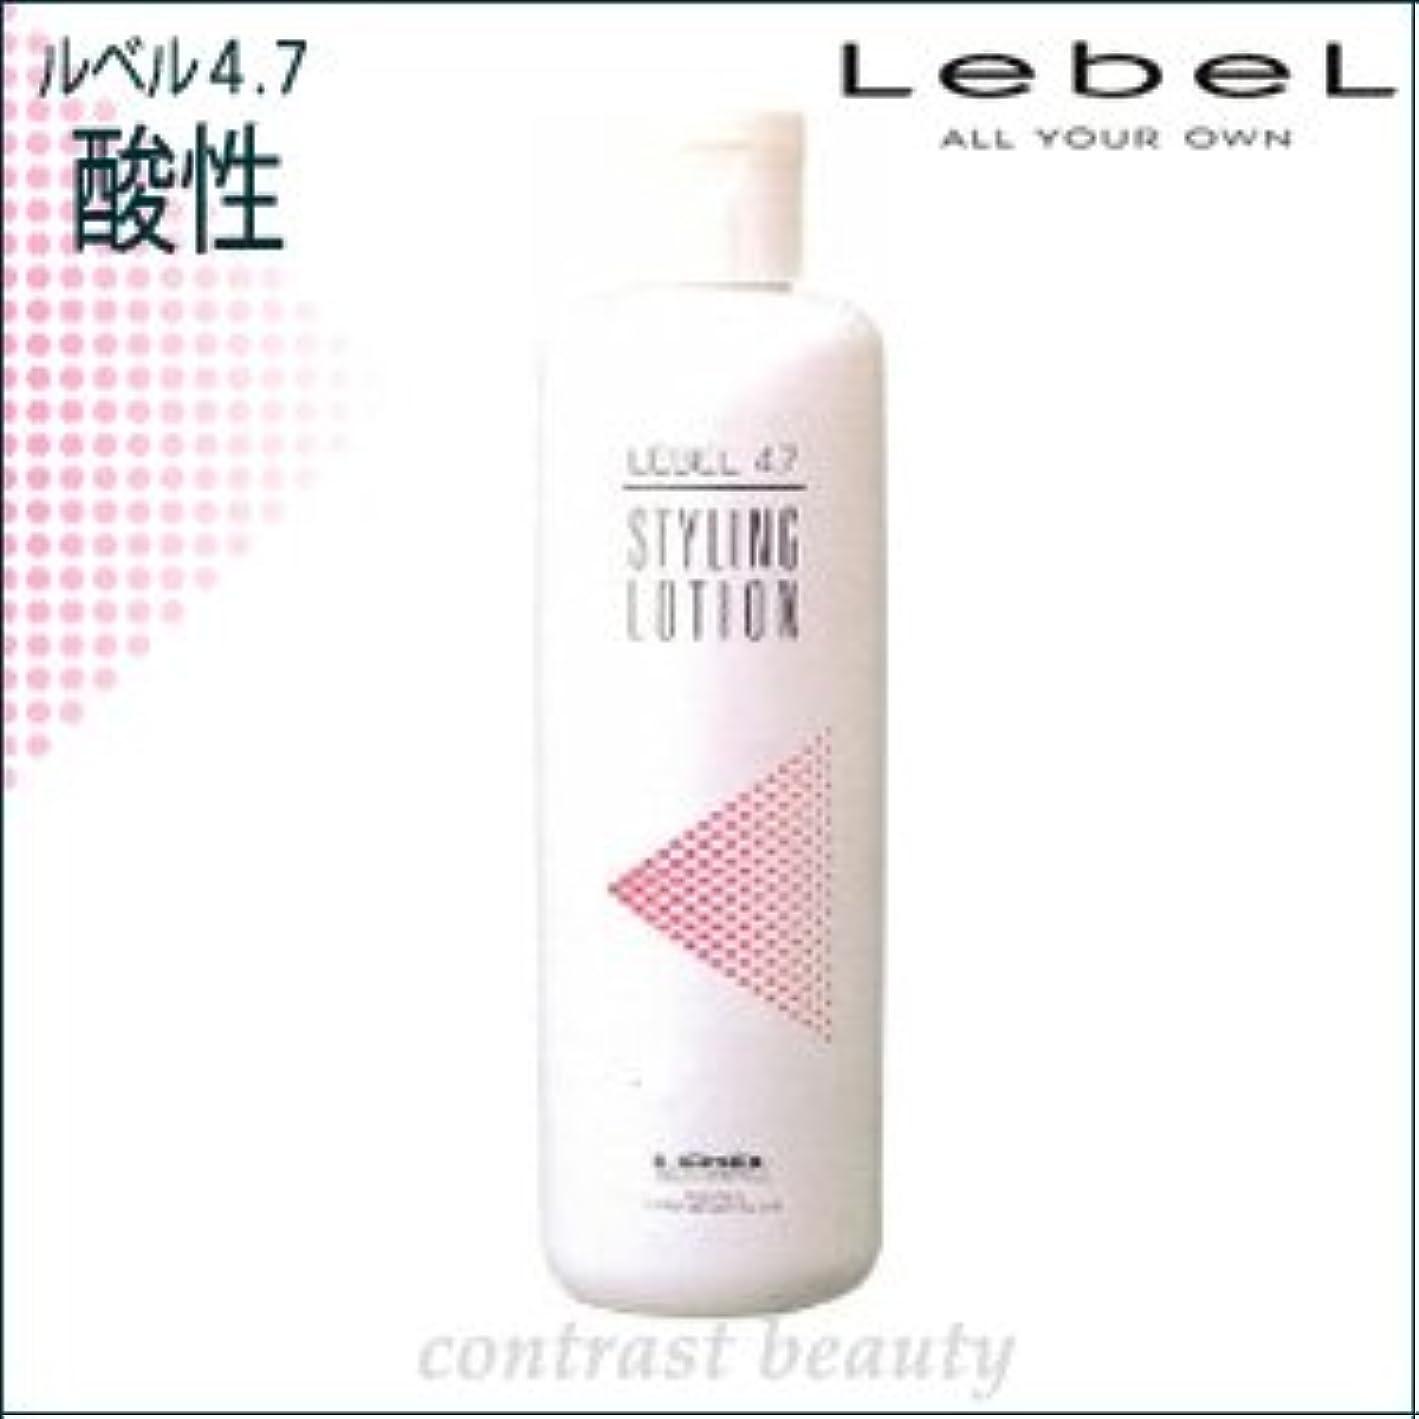 ペルメル項目報酬の【X2個セット】 ルベルコスメティックス/LebeL 4.7酸性 スタイリングローション 400ml